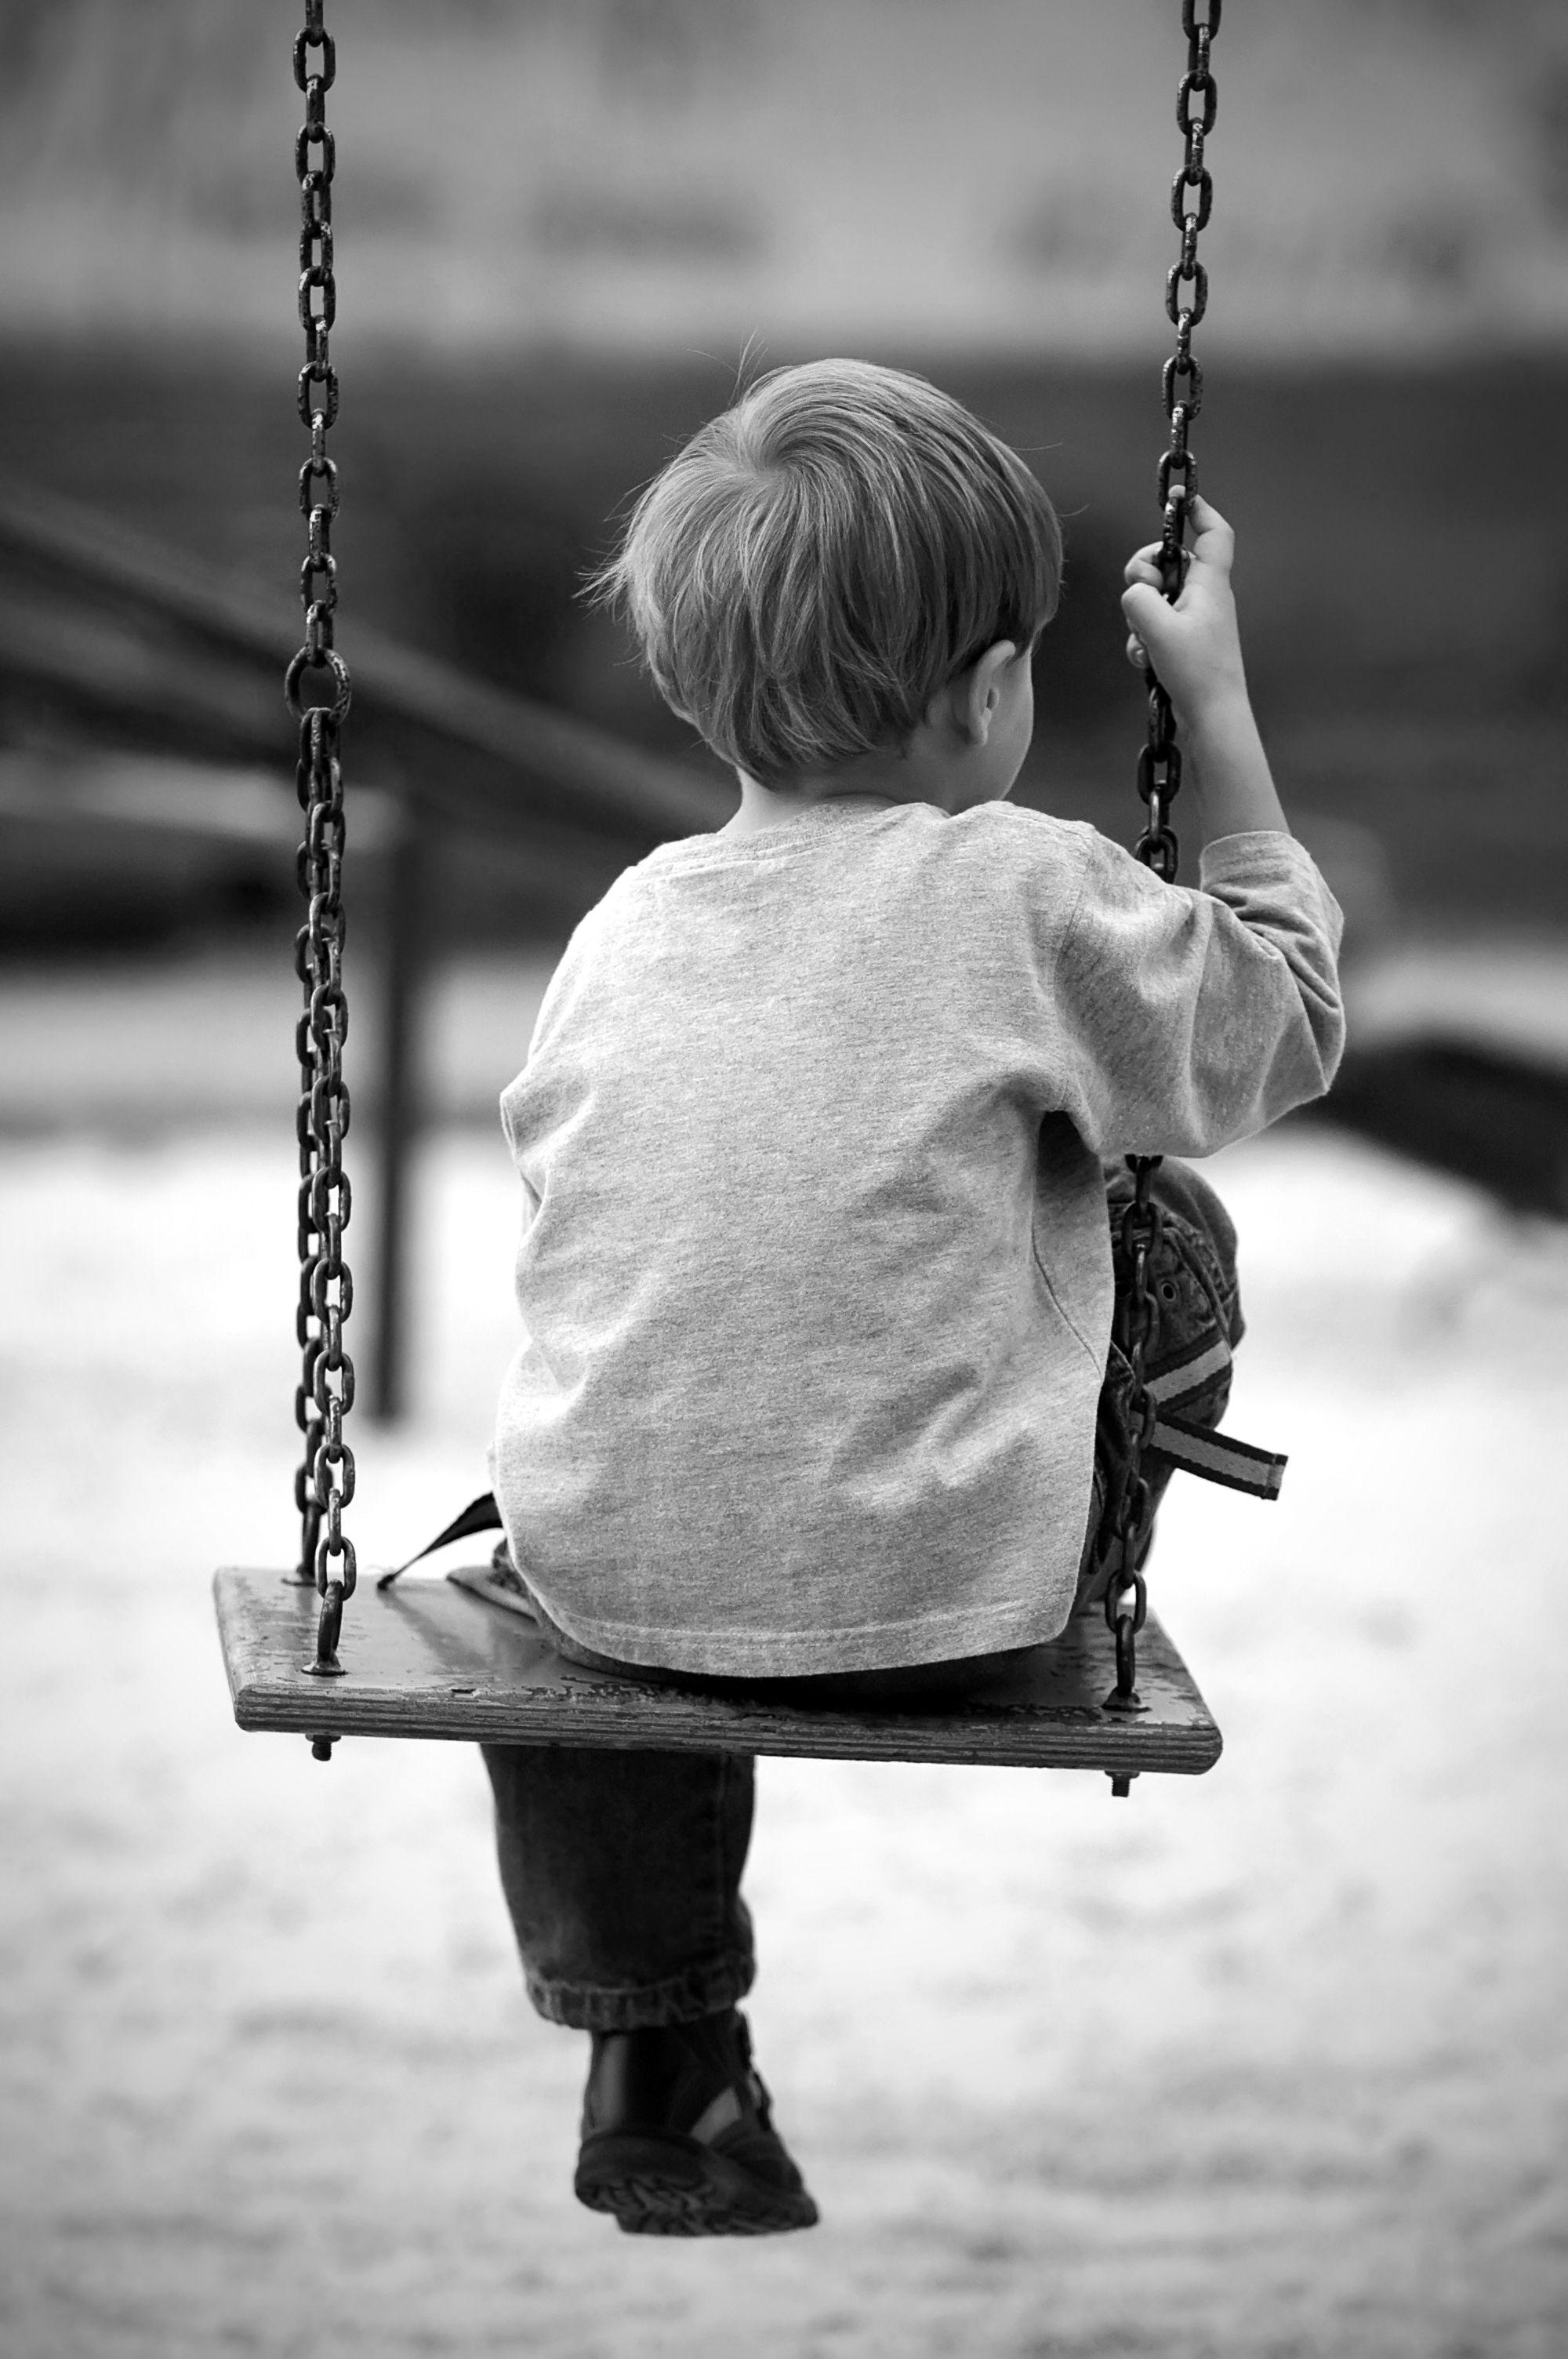 Одинокие дети картинка